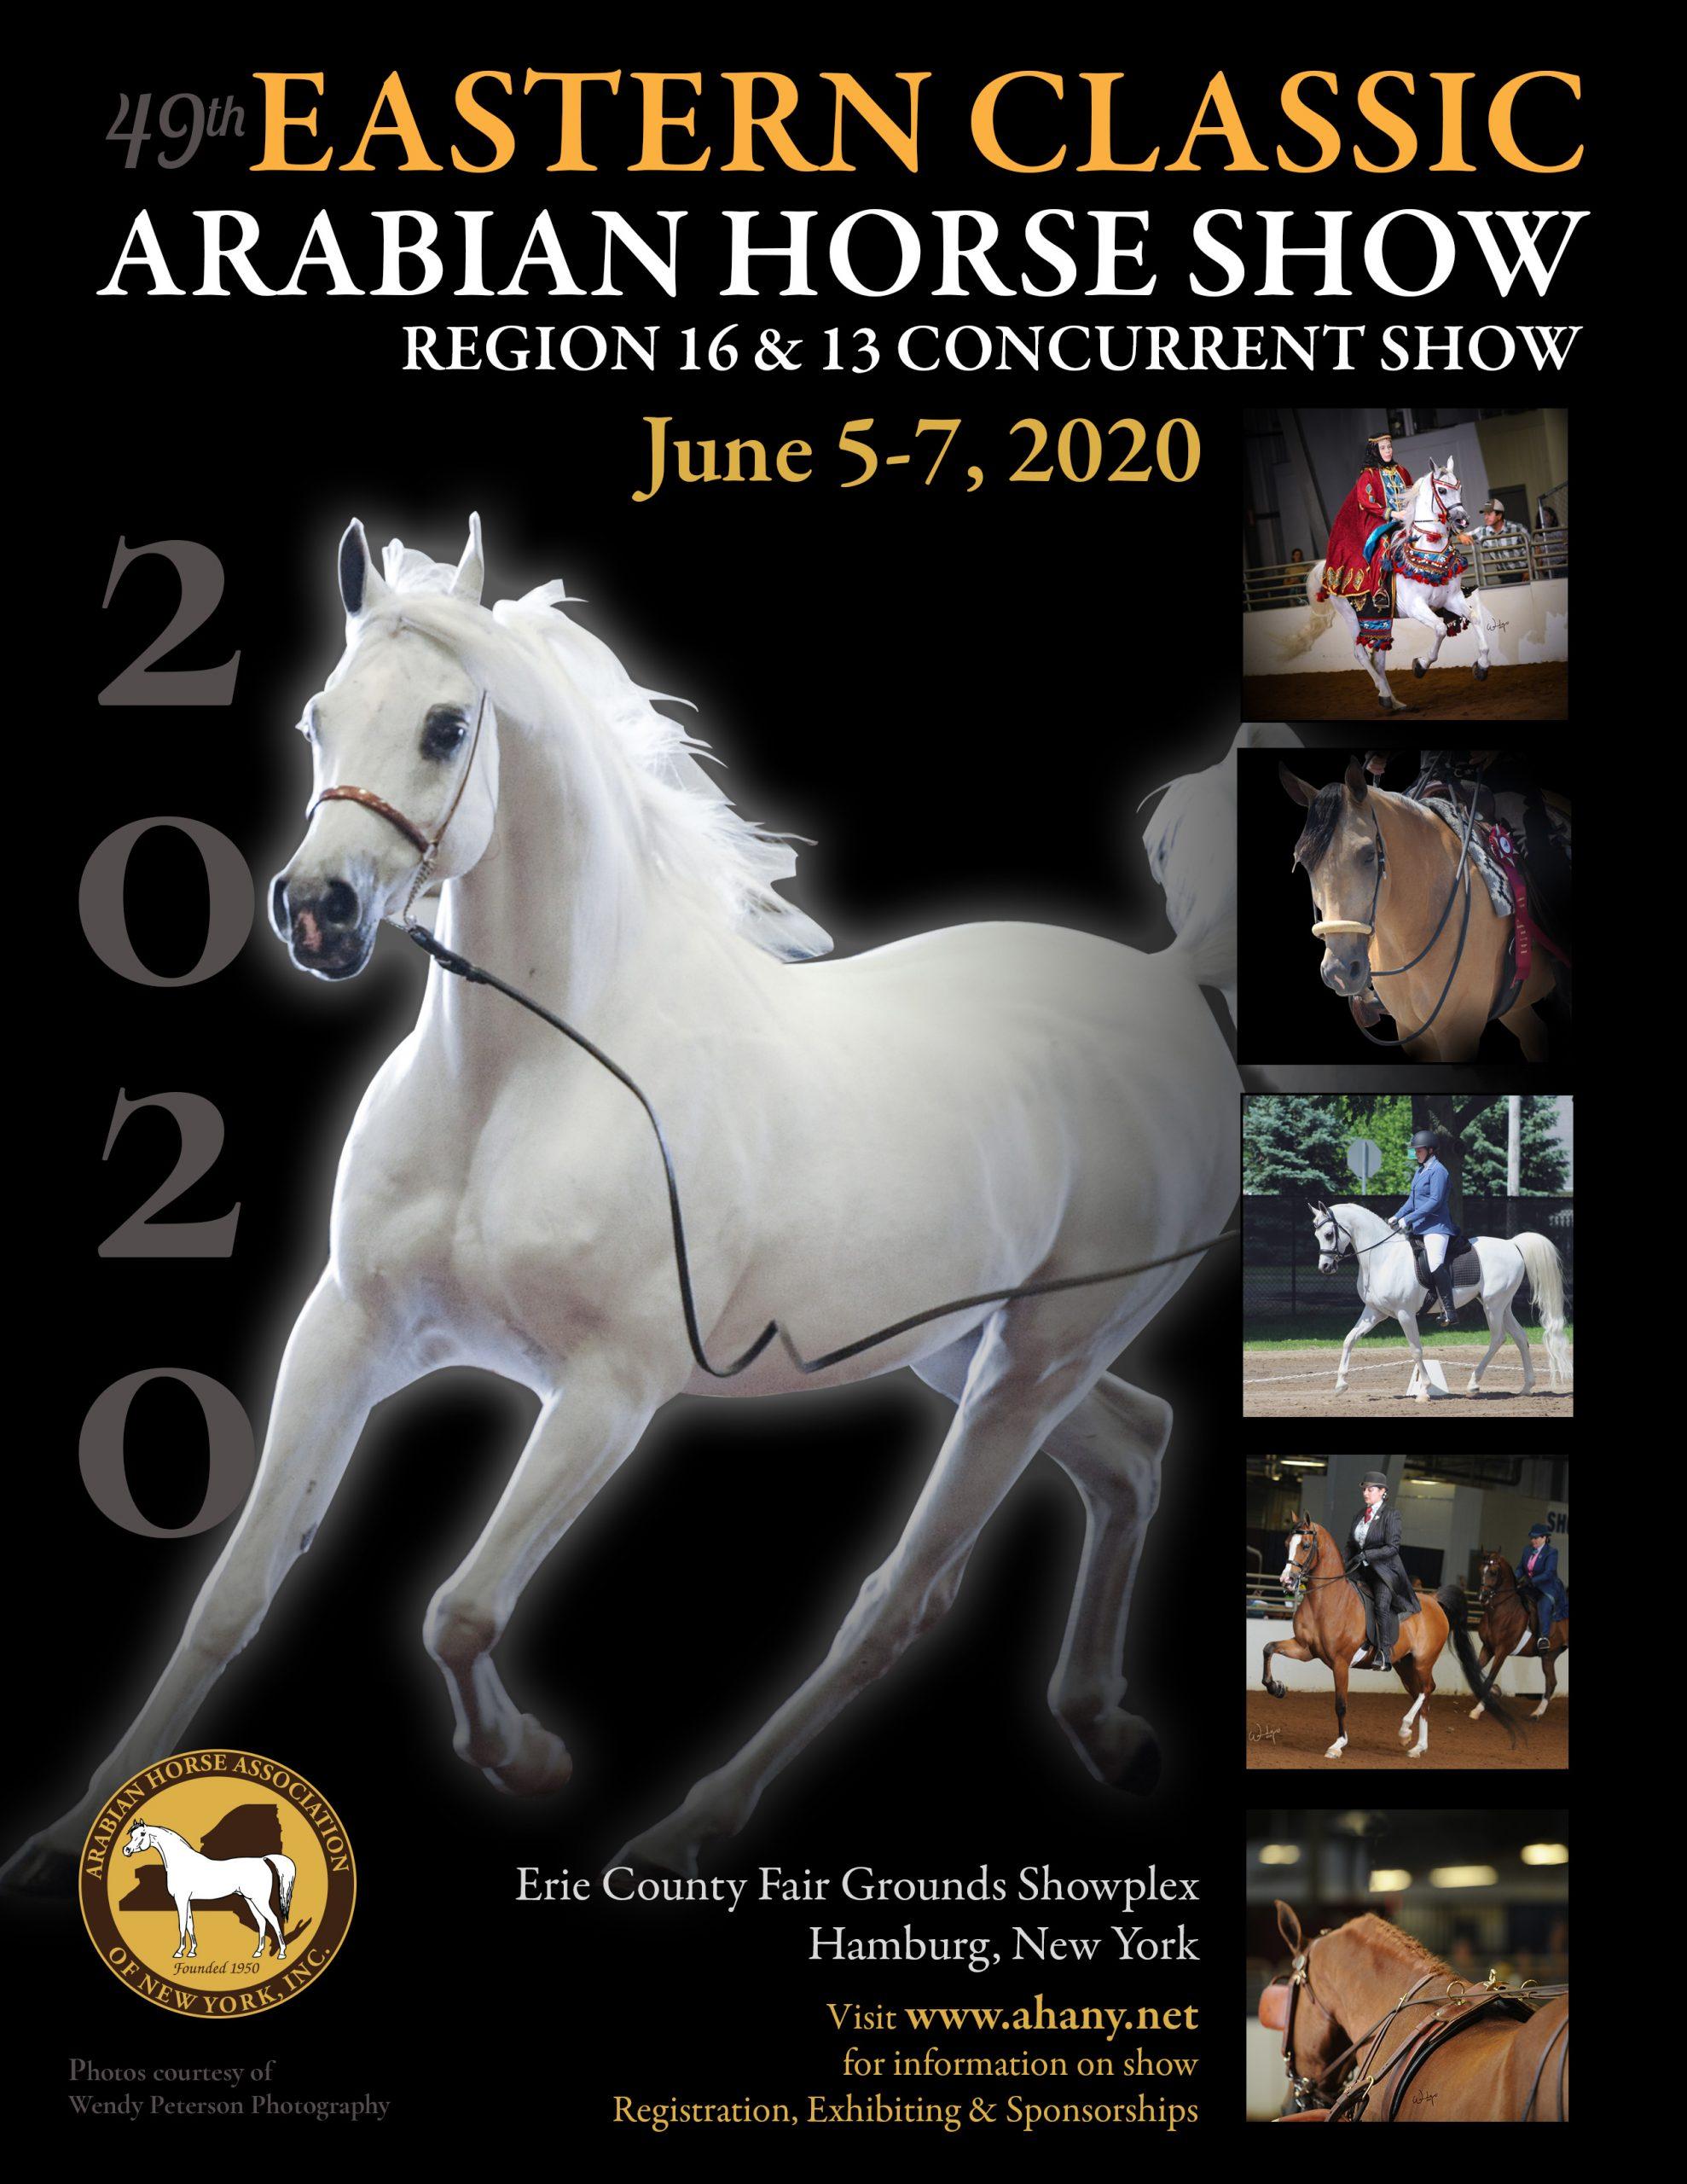 region 12 arabian horse show 2020